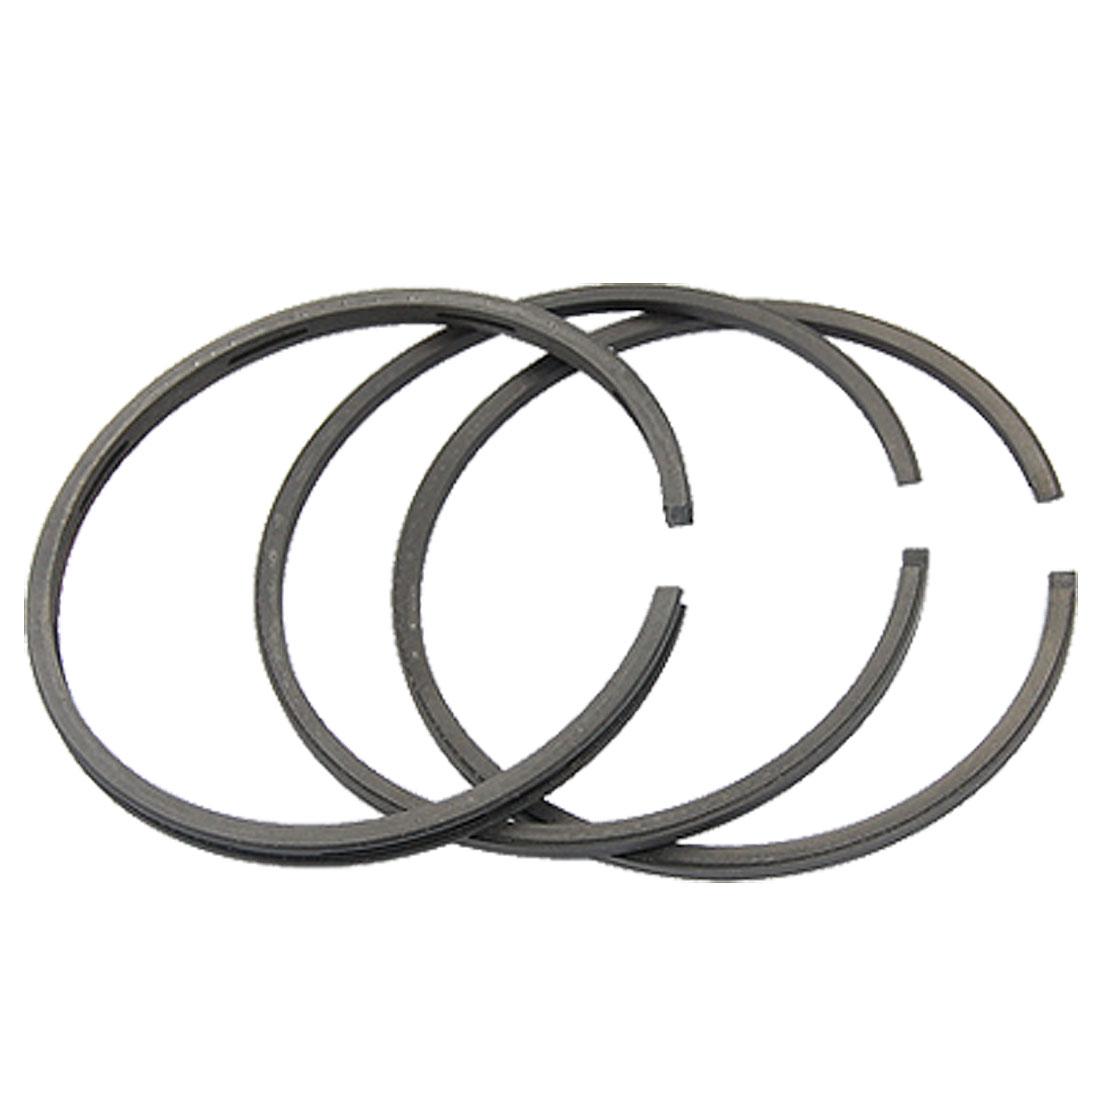 92.5mm Inner Dia Piston Rings Set 3 Pcs for Compressor